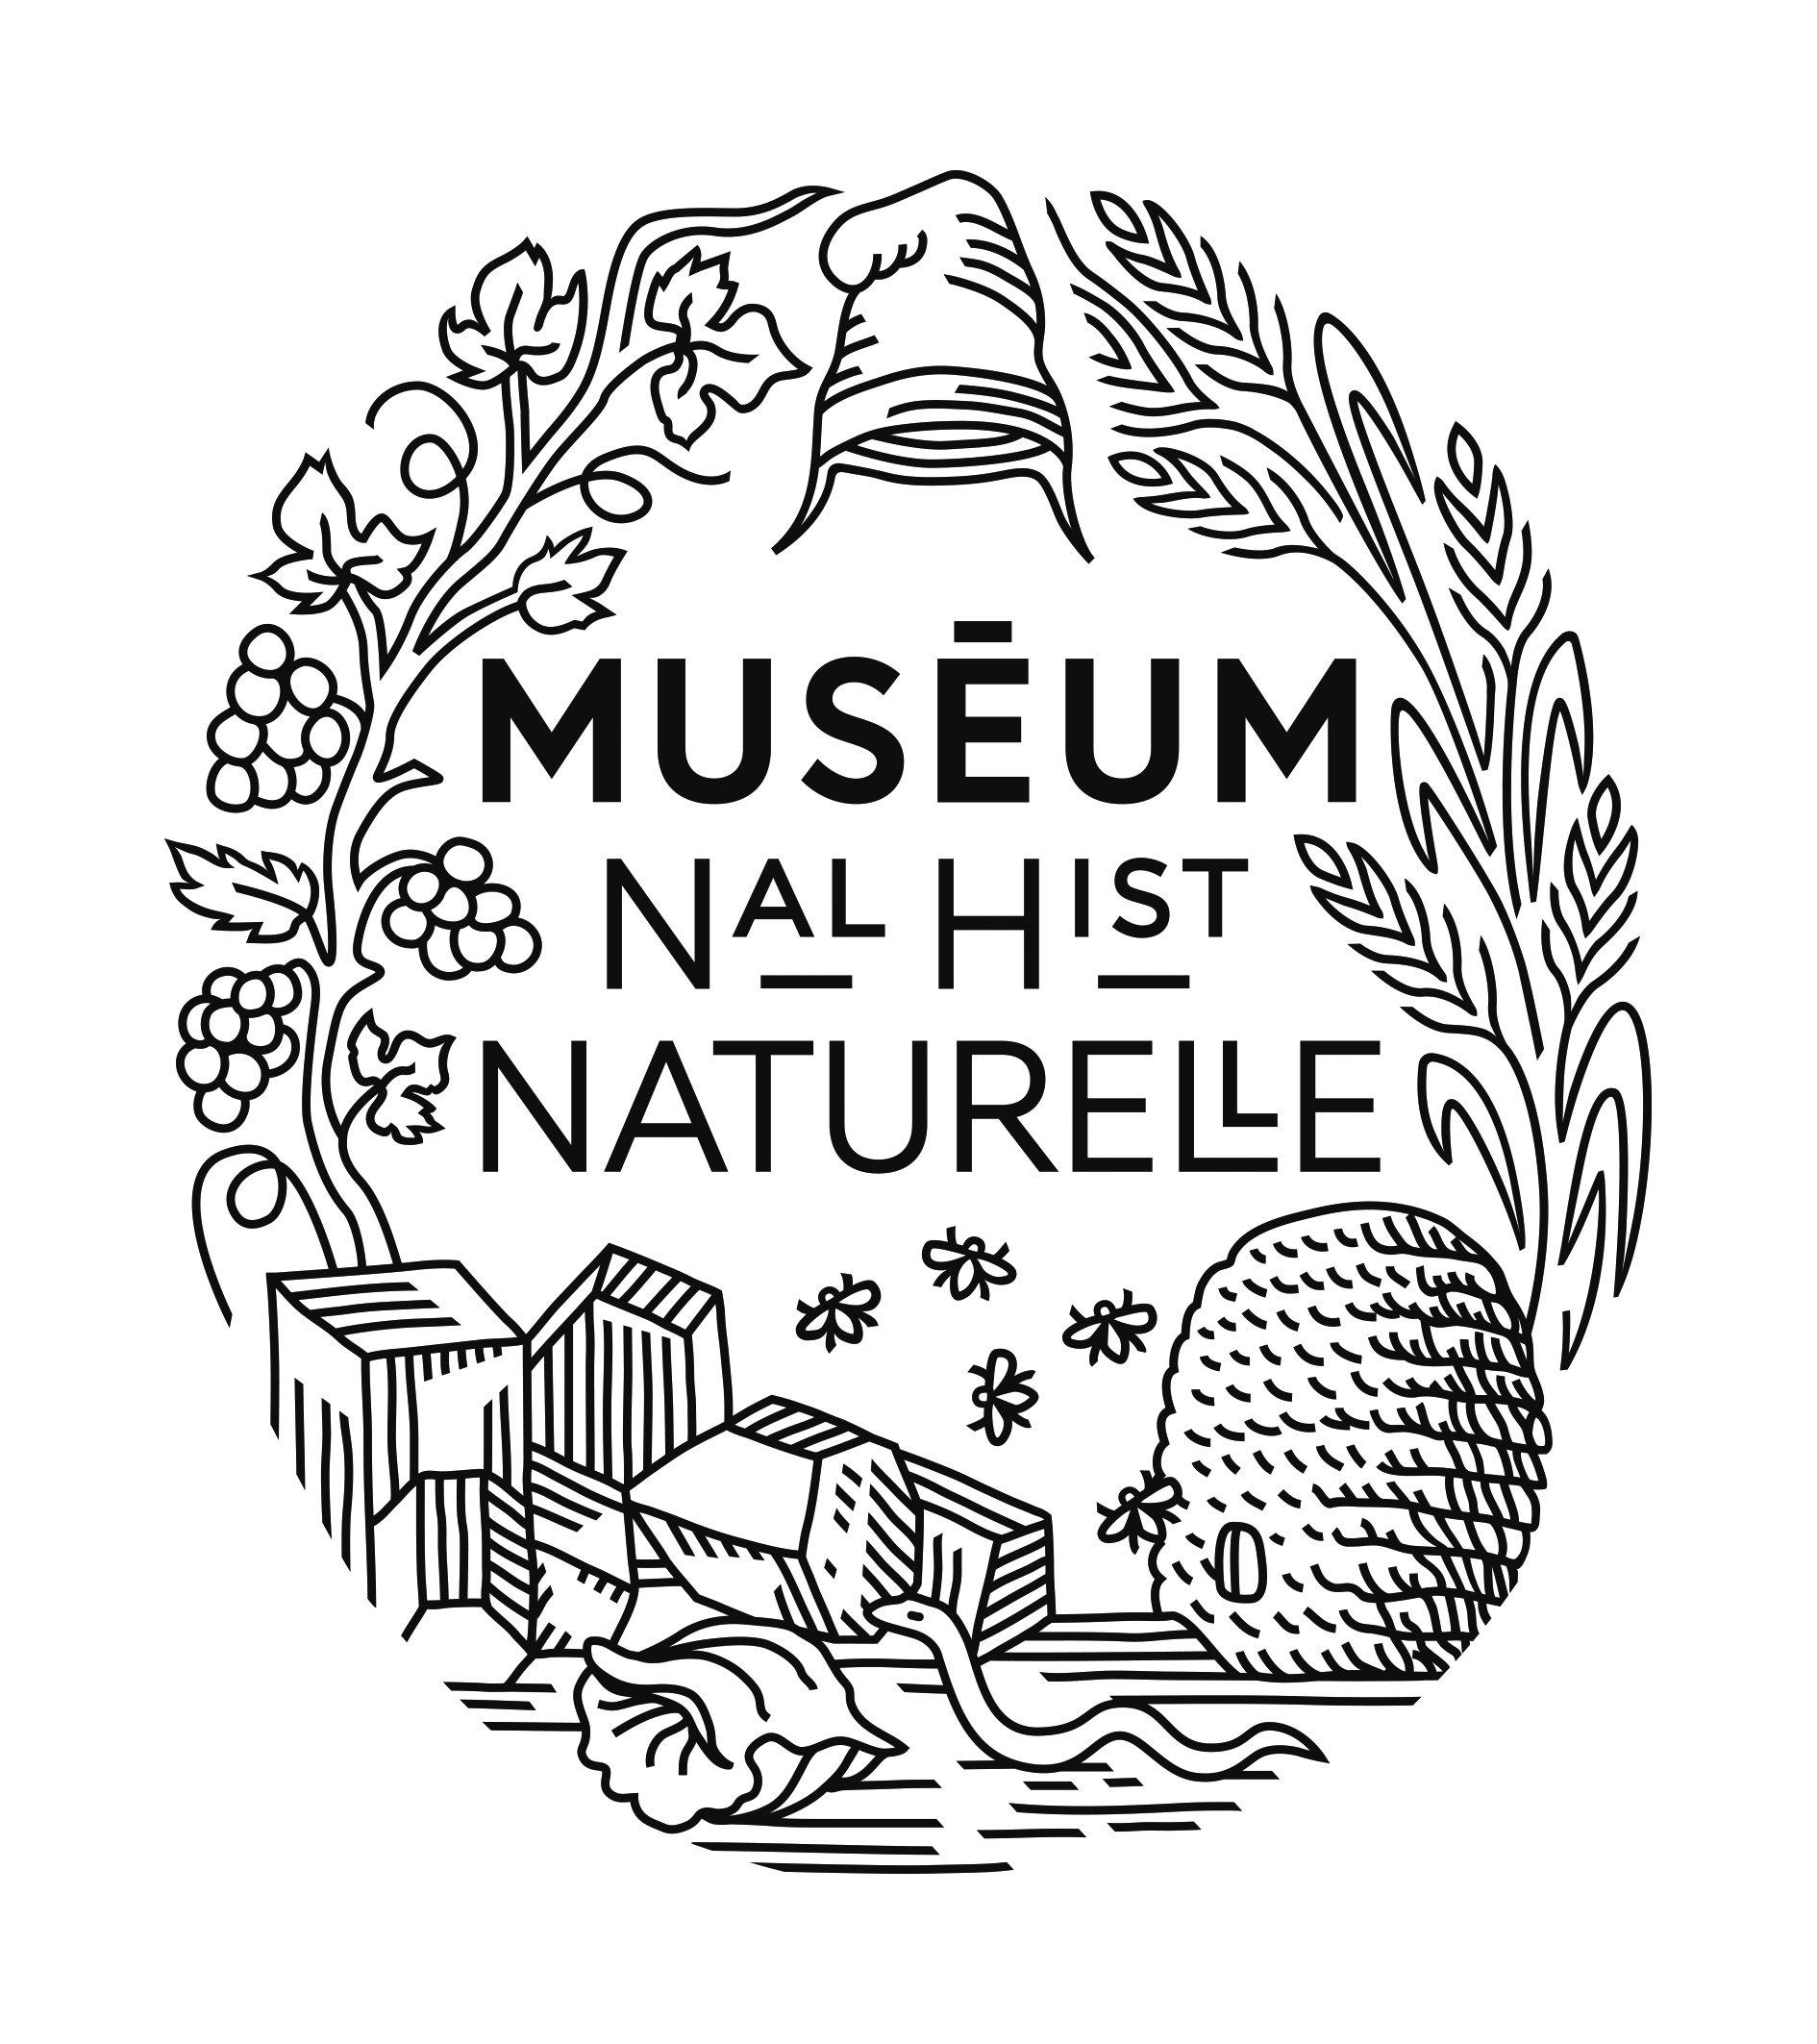 Muséum nationale d'Histoire naturelle